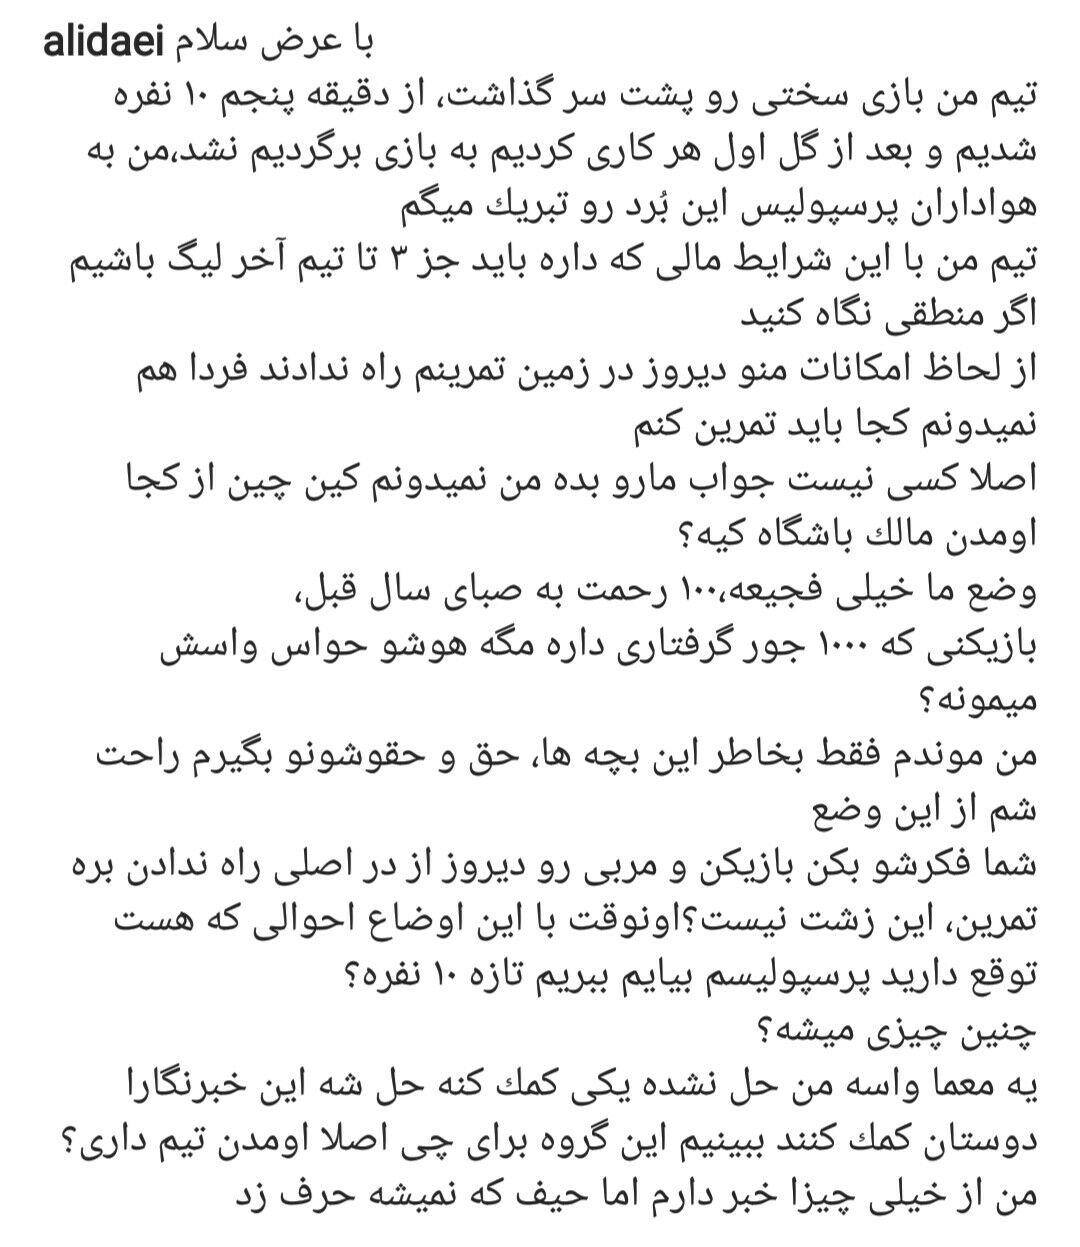 واکنش اینستاگرامی علی دایی به شکست تیم نفت